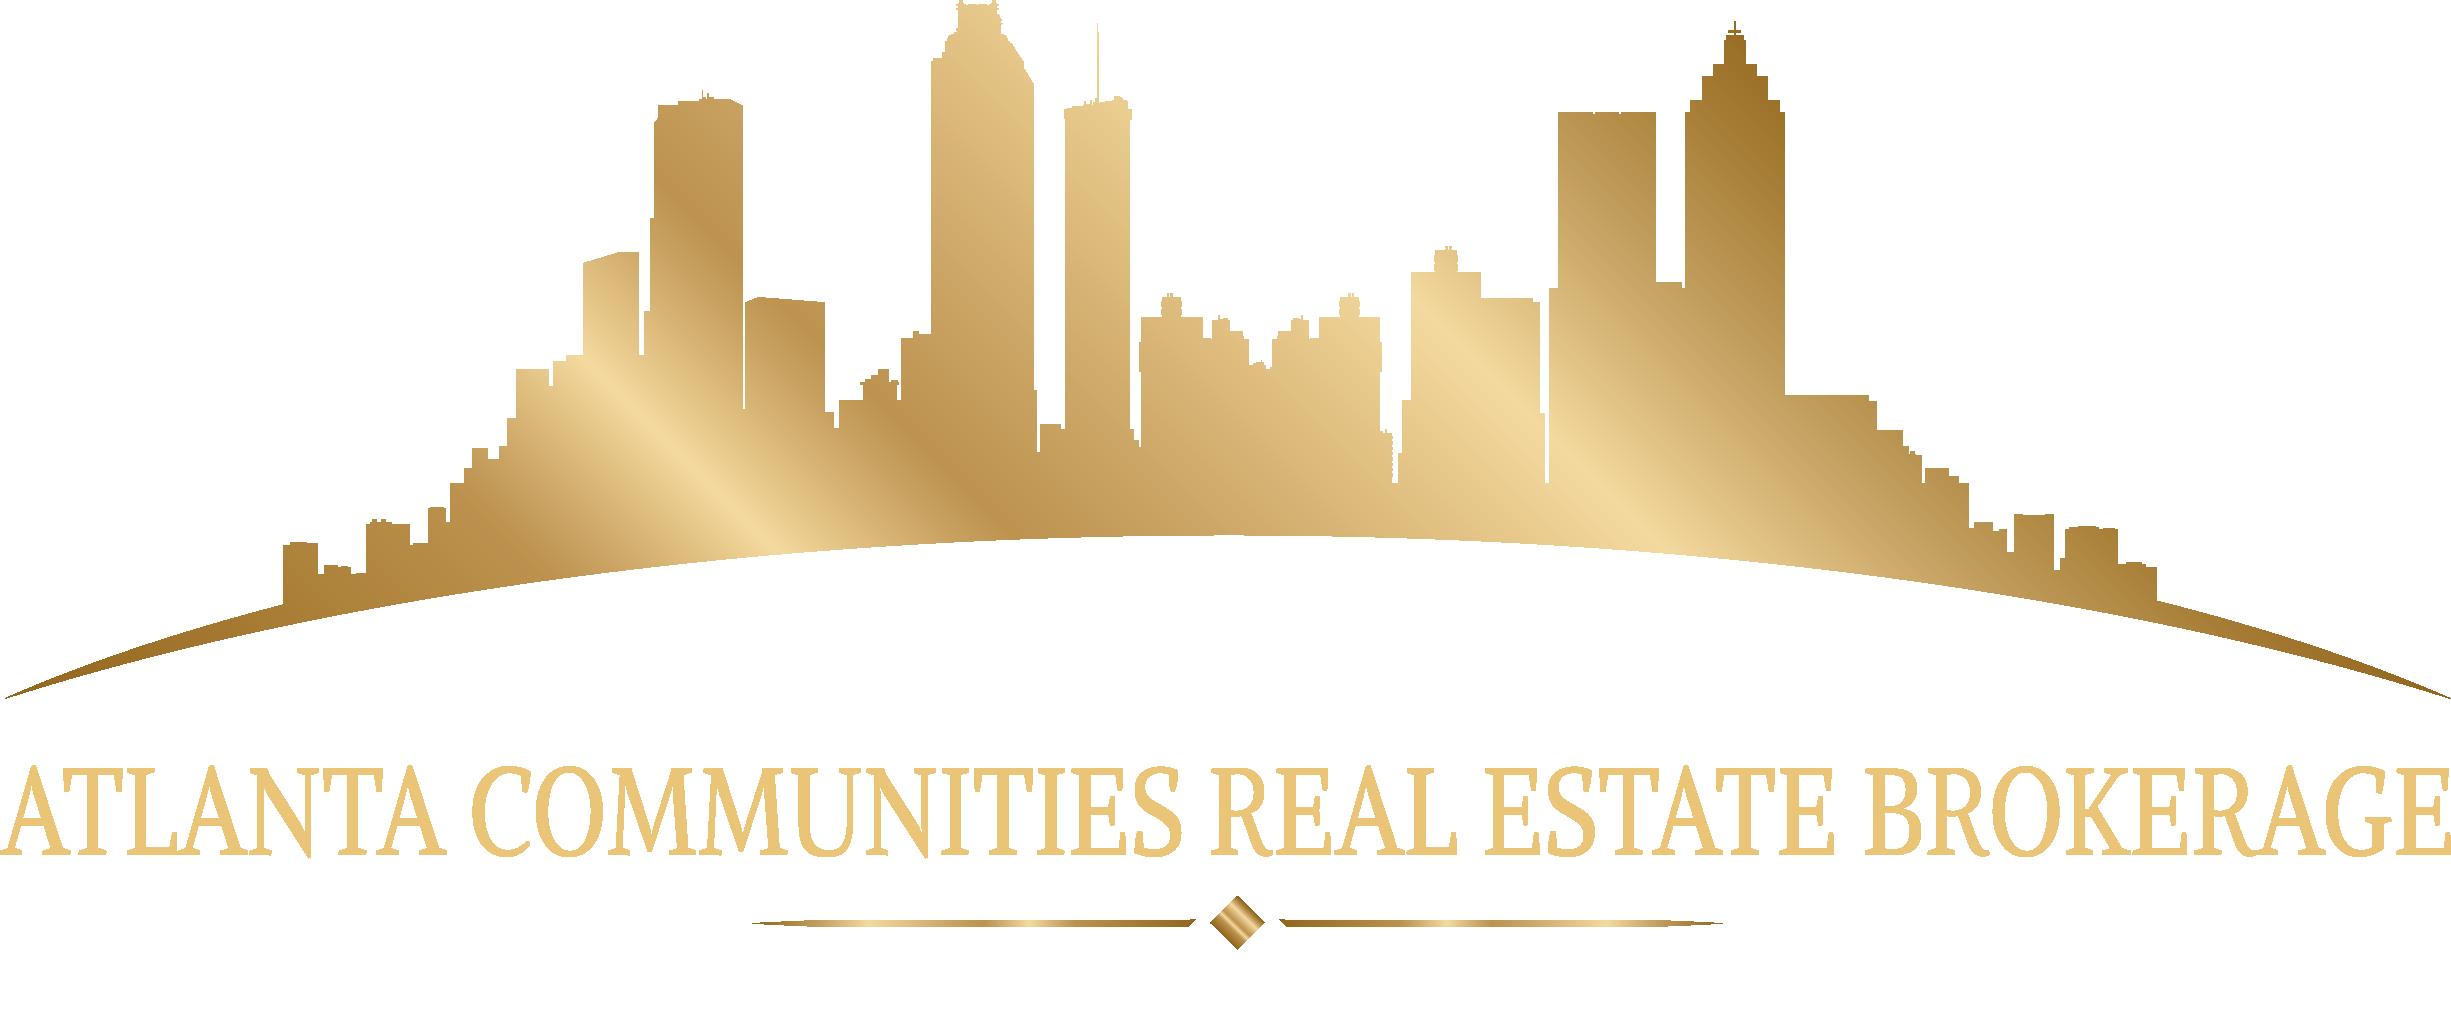 Atlanta Communities